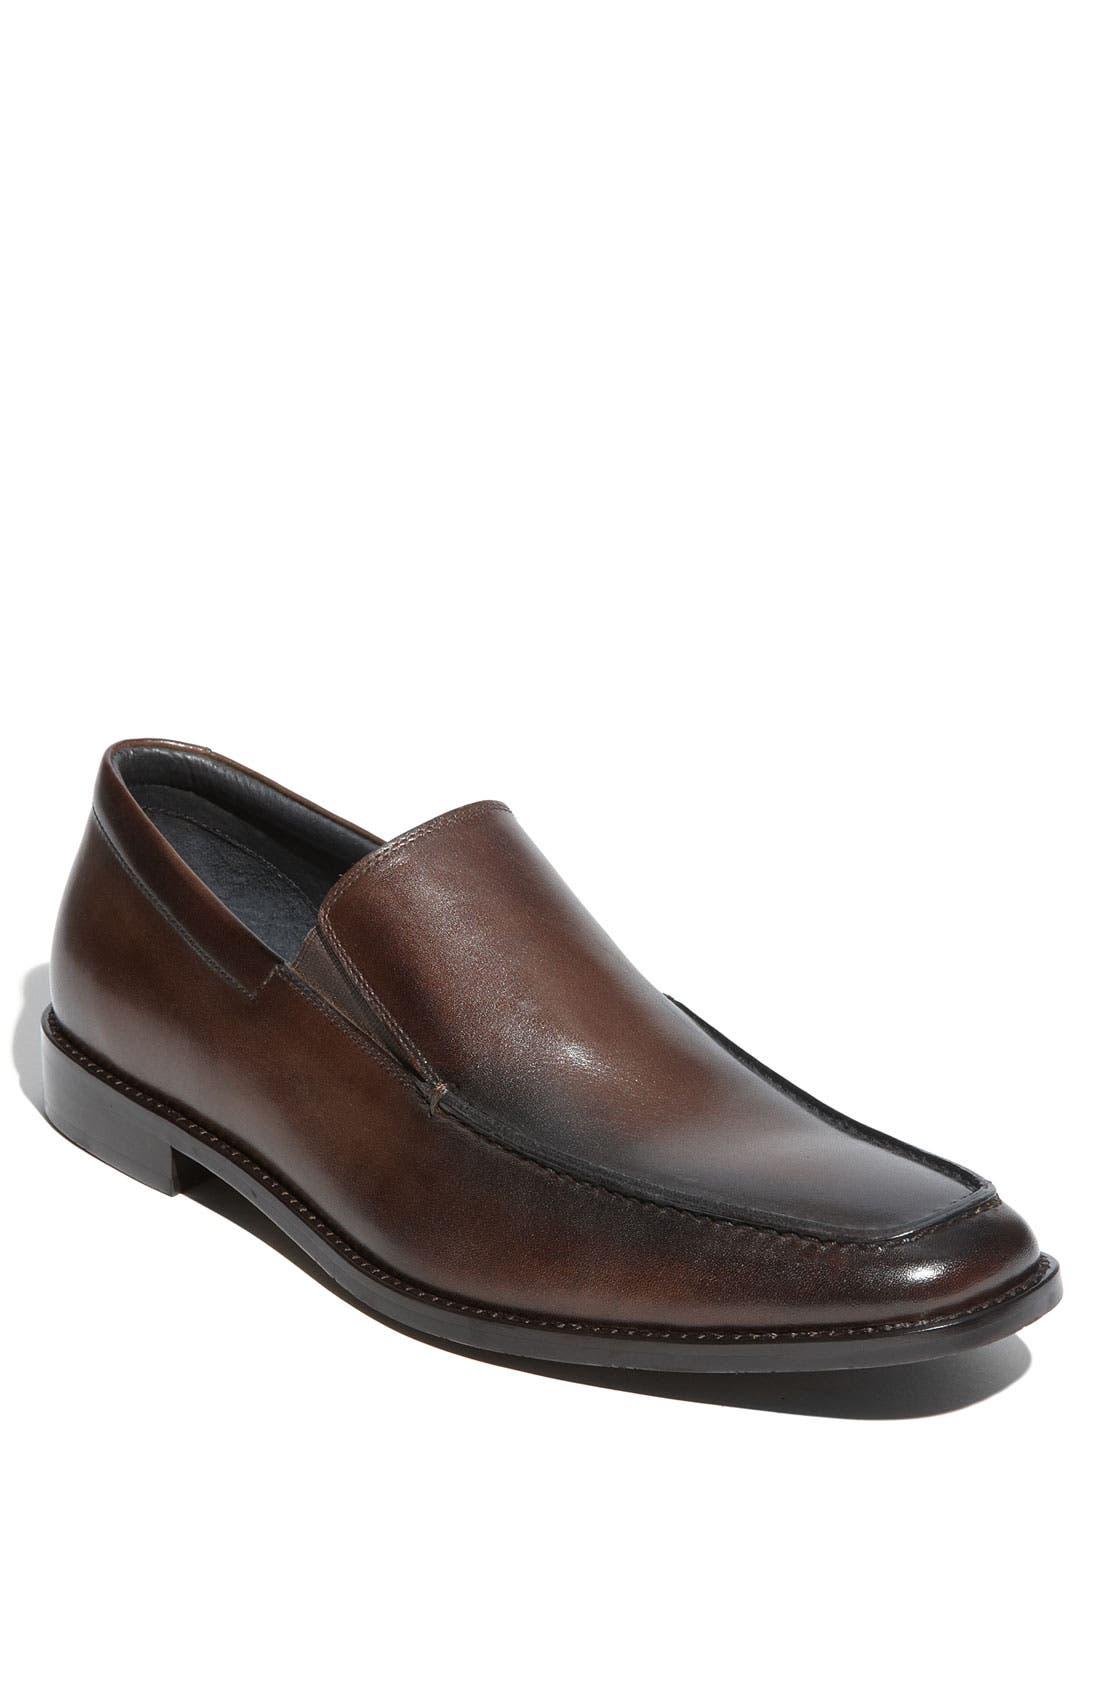 Main Image - Gordon Rush 'Madison' Venetian Loafer (Men)